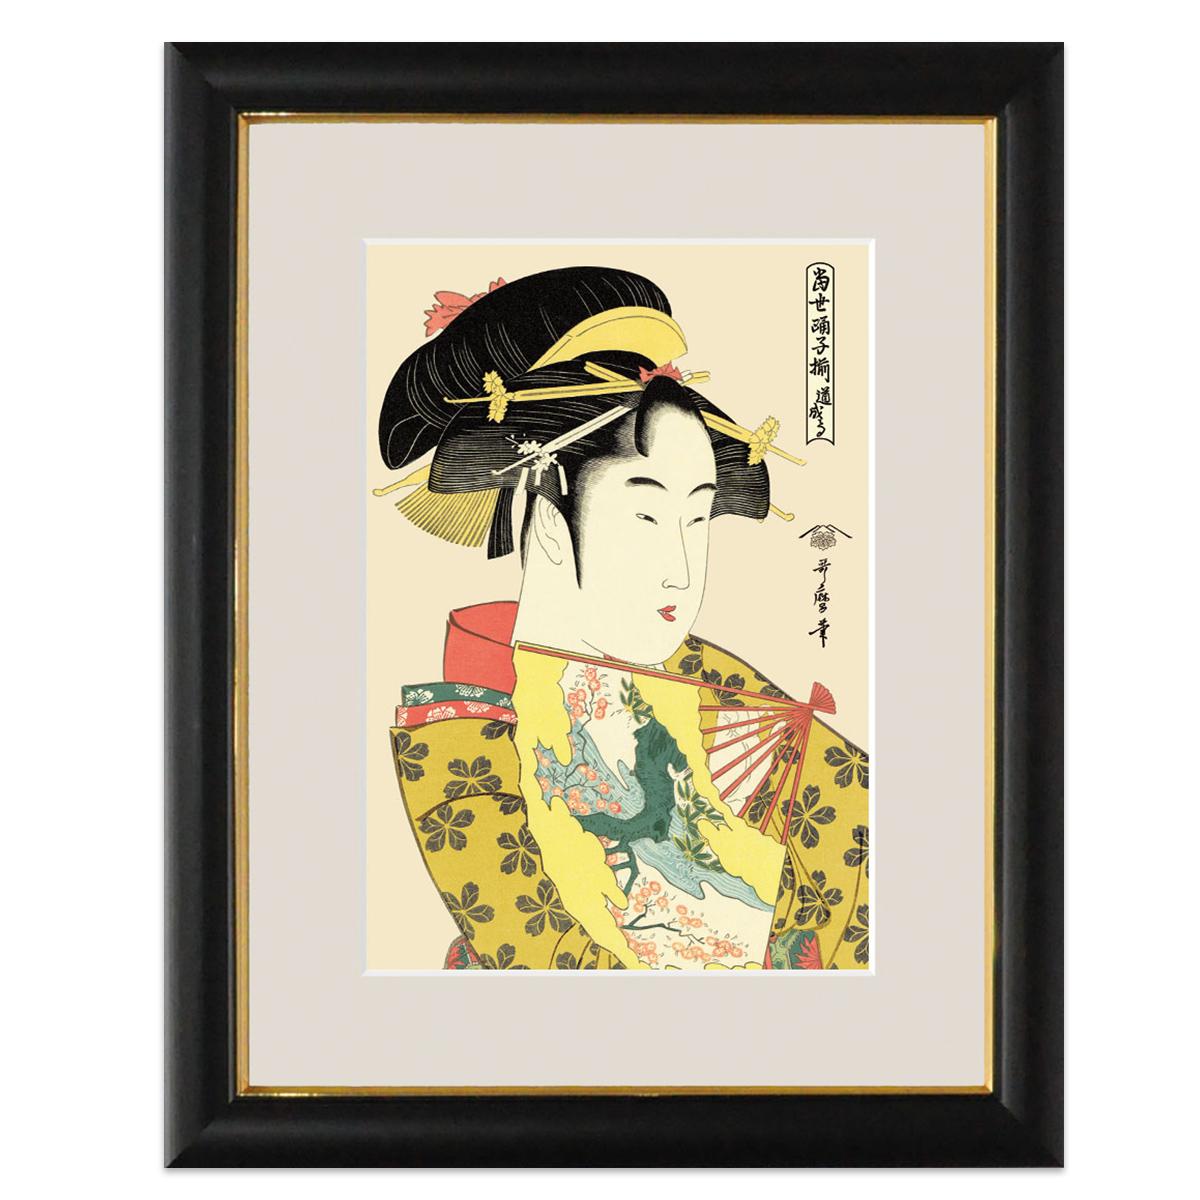 楽天市場 浮世絵 美人画 額飾り 道成寺 喜多川歌麿 サイズ 大 48cm